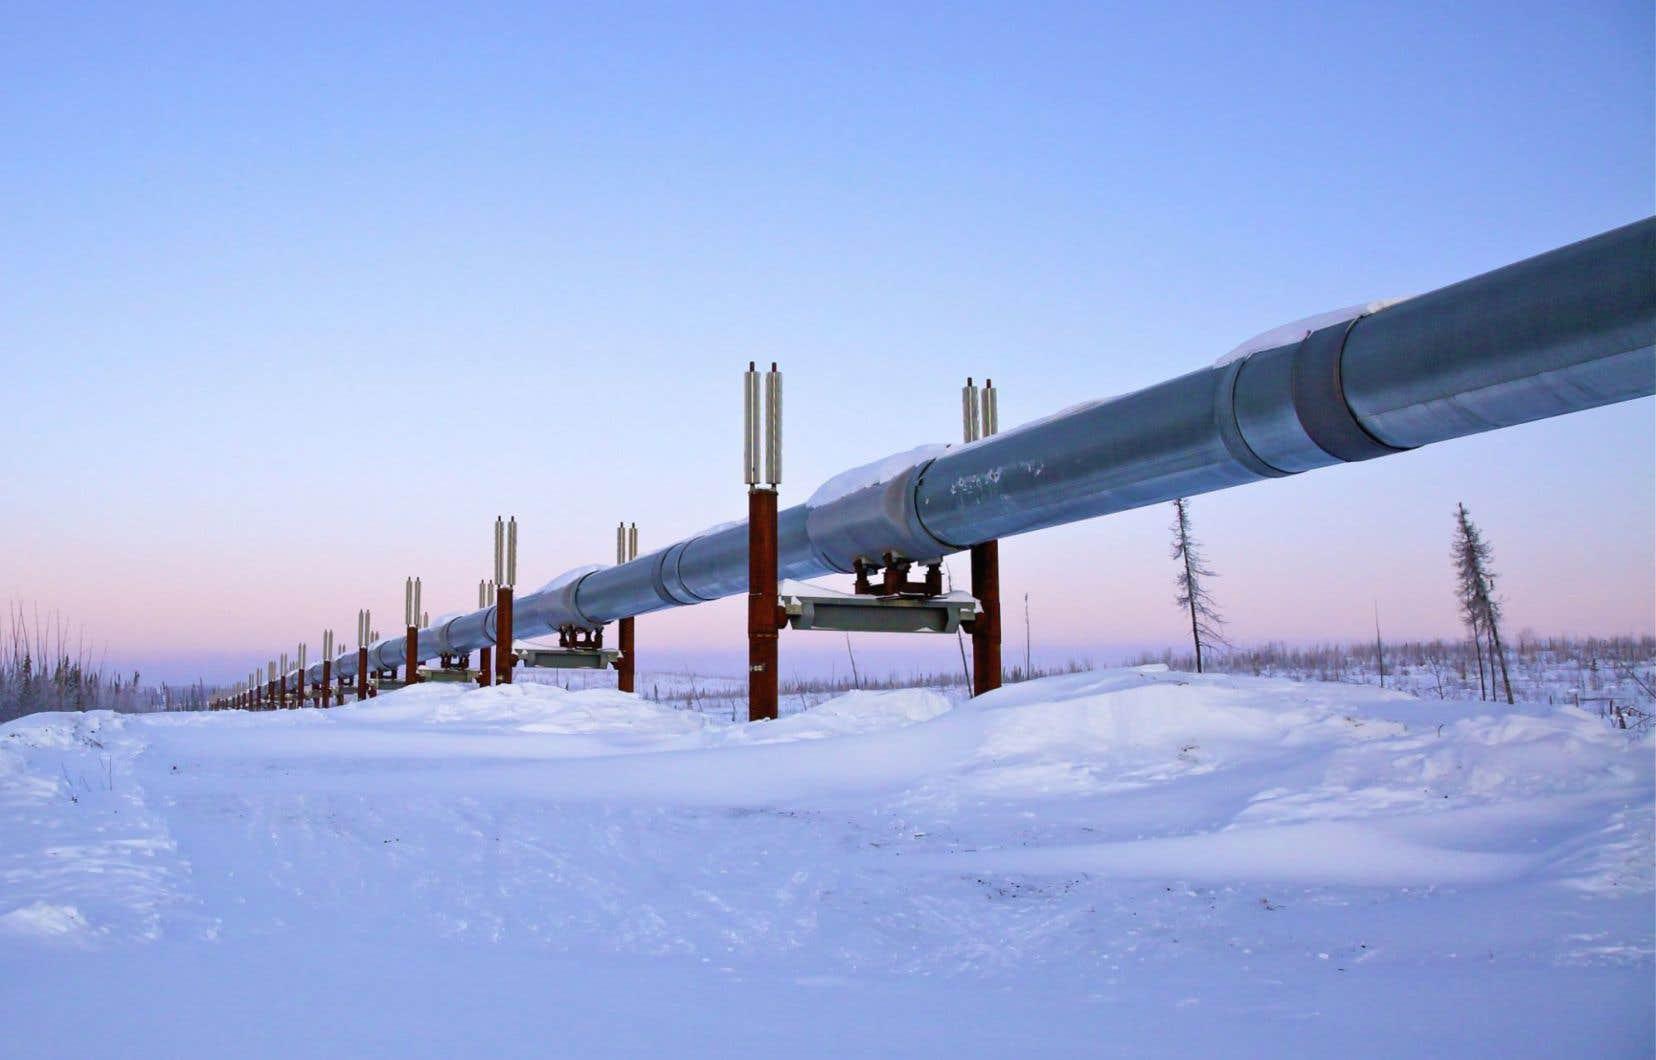 Le Québec prend du retard en vue de l'évaluation du projet Énergie Est de TransCanada, qui deviendra le plus important pipeline d'exportation de l'histoire canadienne.